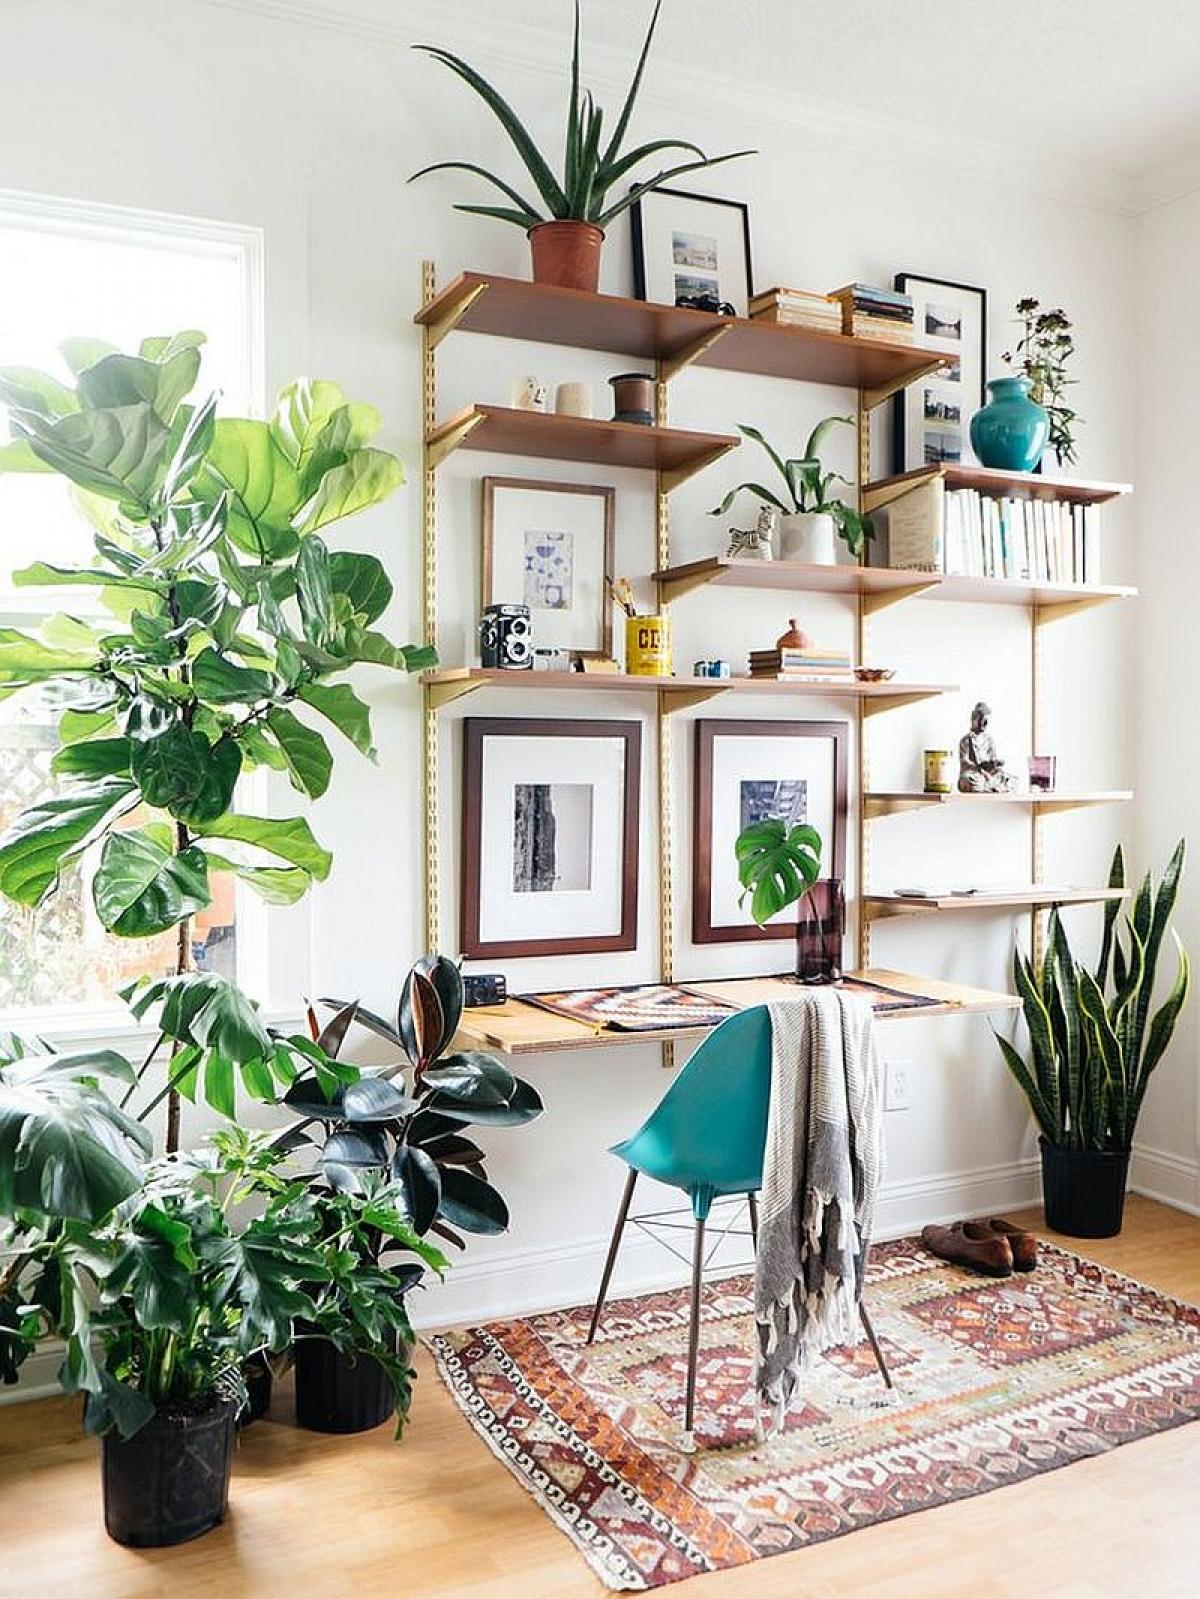 Ý tưởng về một không gian làm việc hiện đại, thanh lịch và tươi mới với cây xanh./.